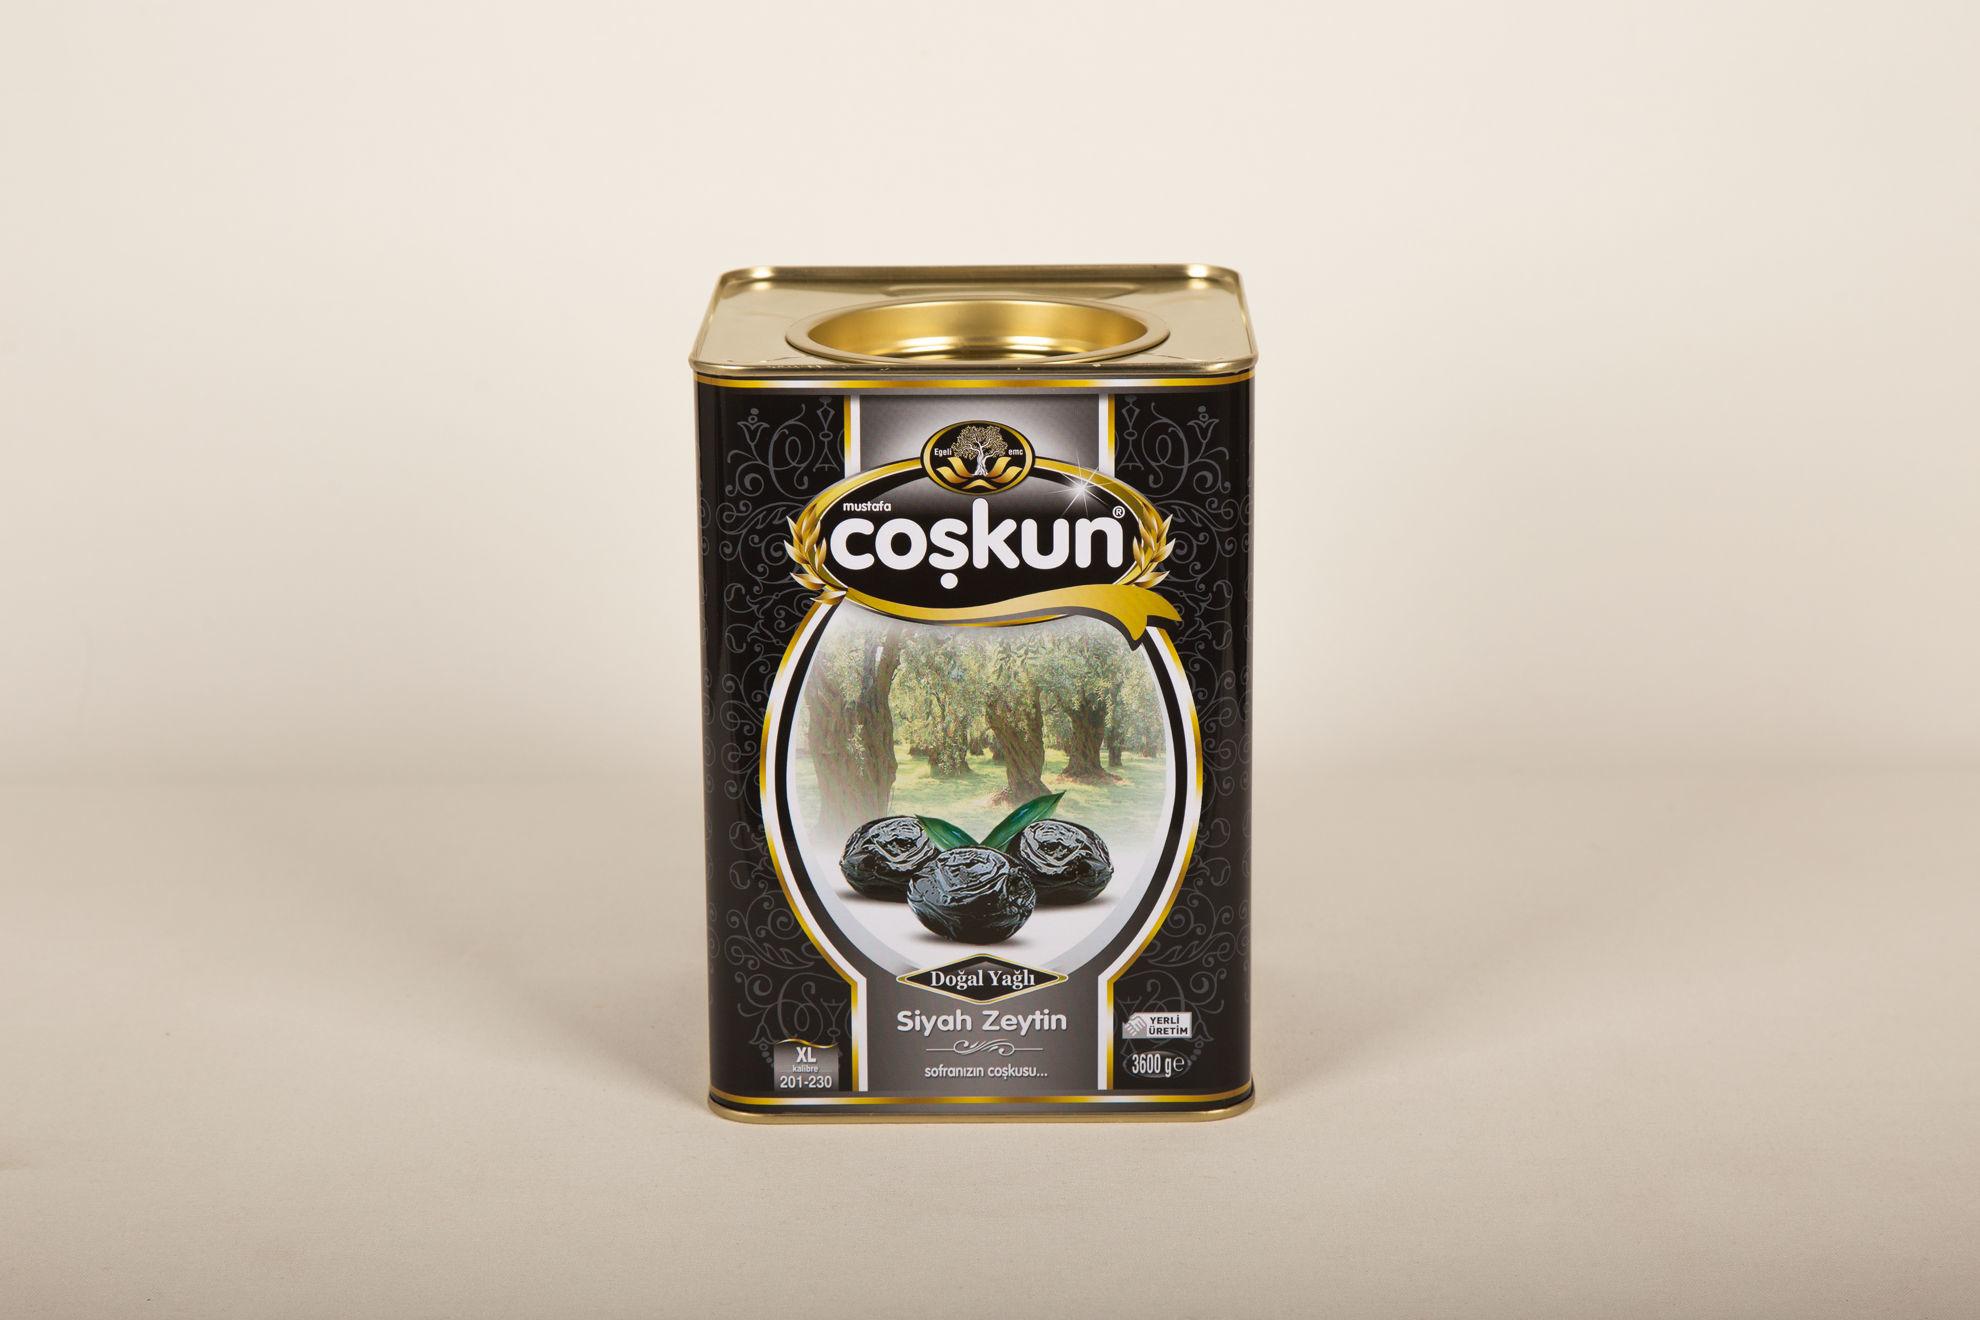 Siyah Zeytin Yağlı Sele 3.6 kg Teneke 201-230 Yağlı Sele XL resmi